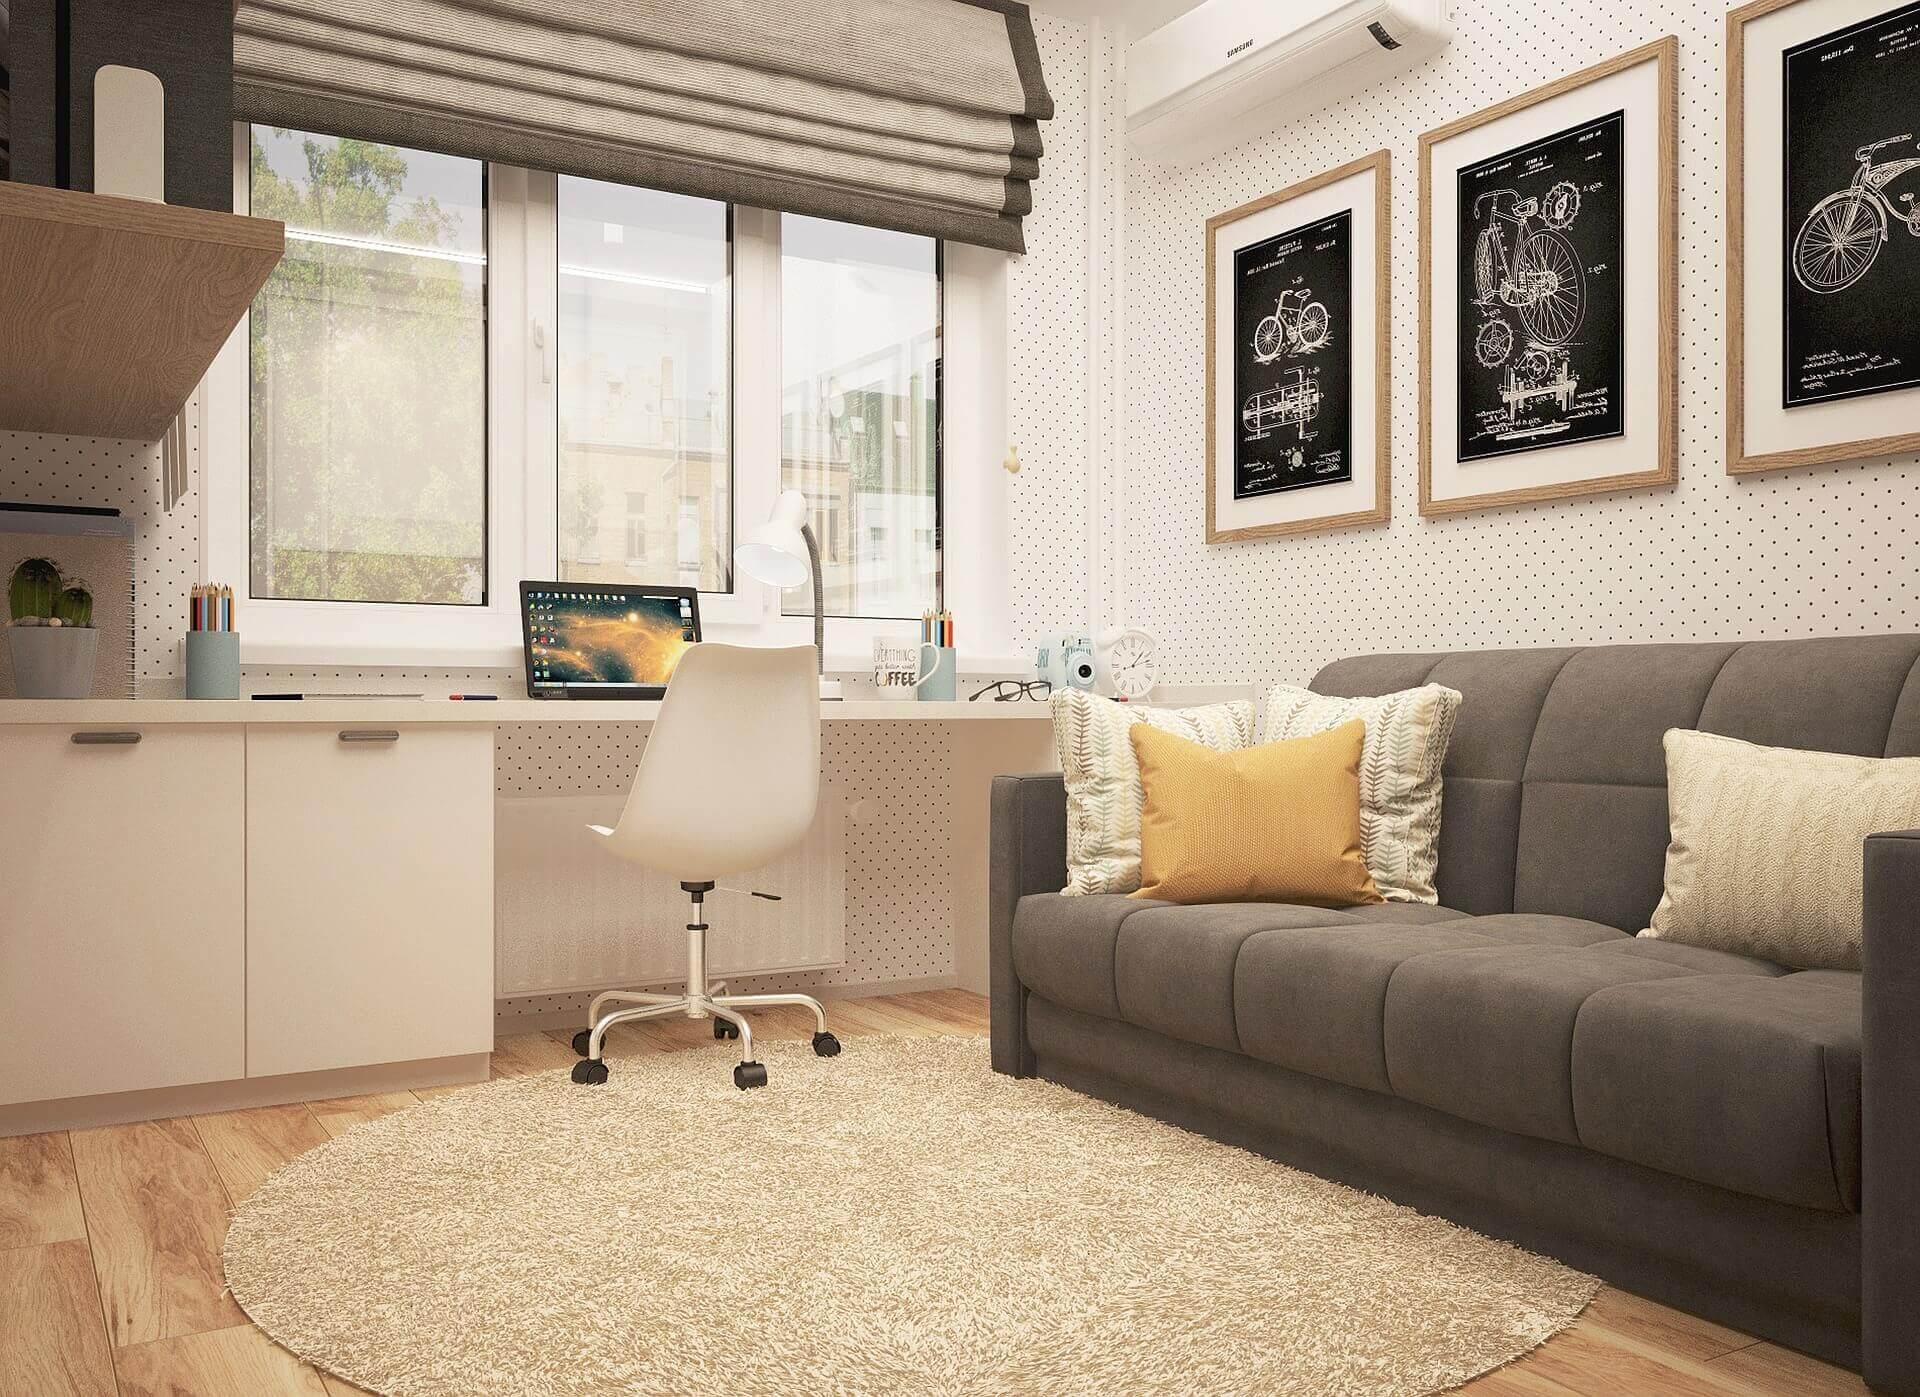 Mieszkanie – przemyślana lokata kapitału